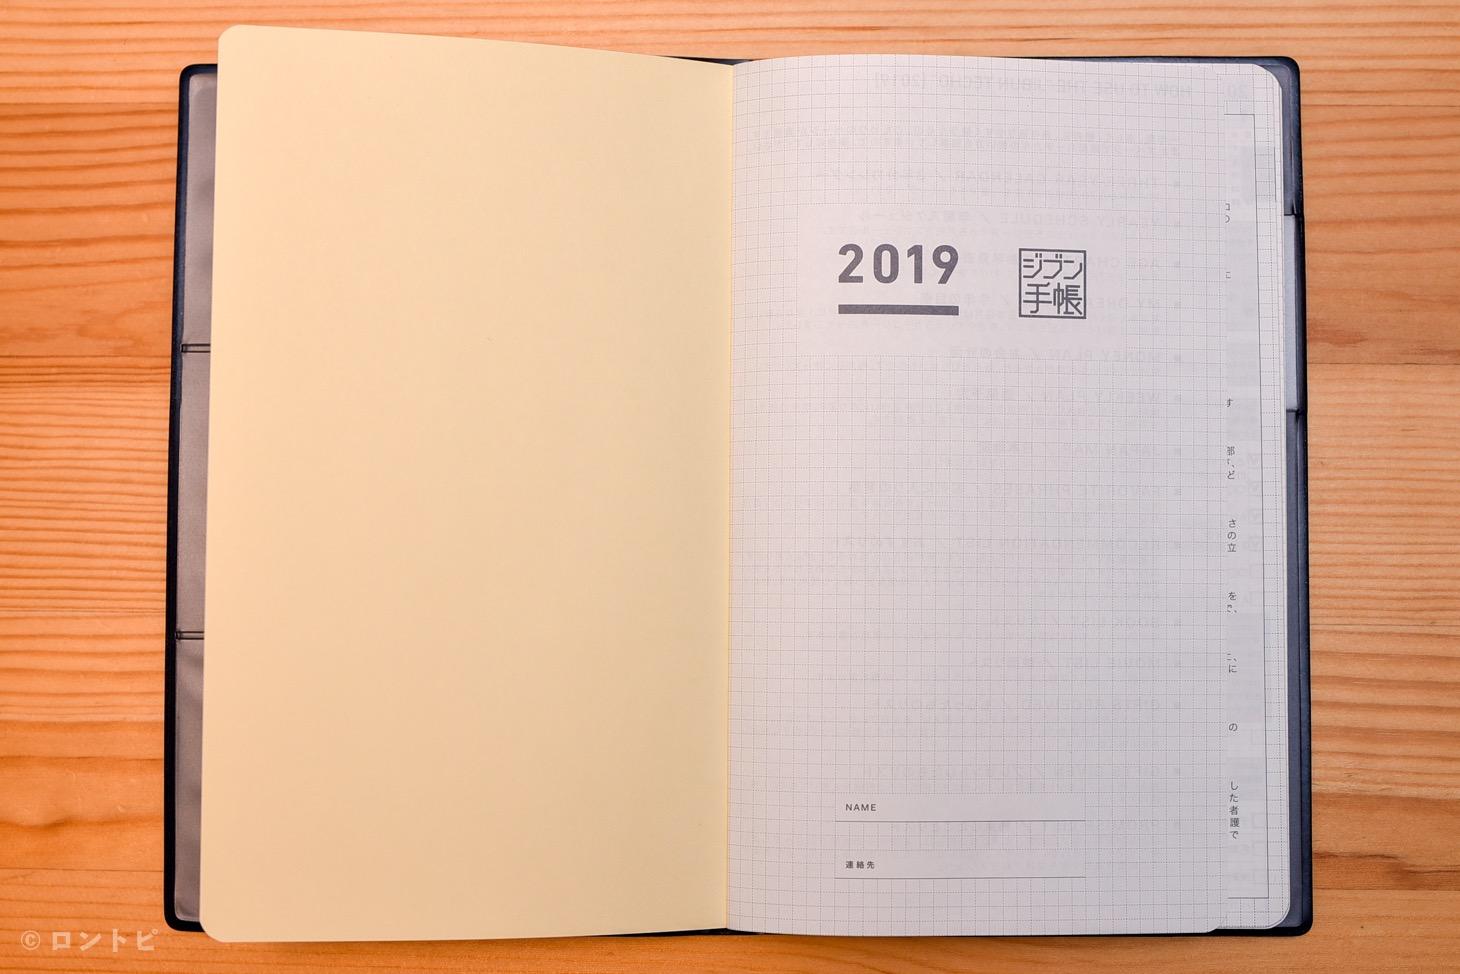 ジブン手帳 Biz mini フォーマット